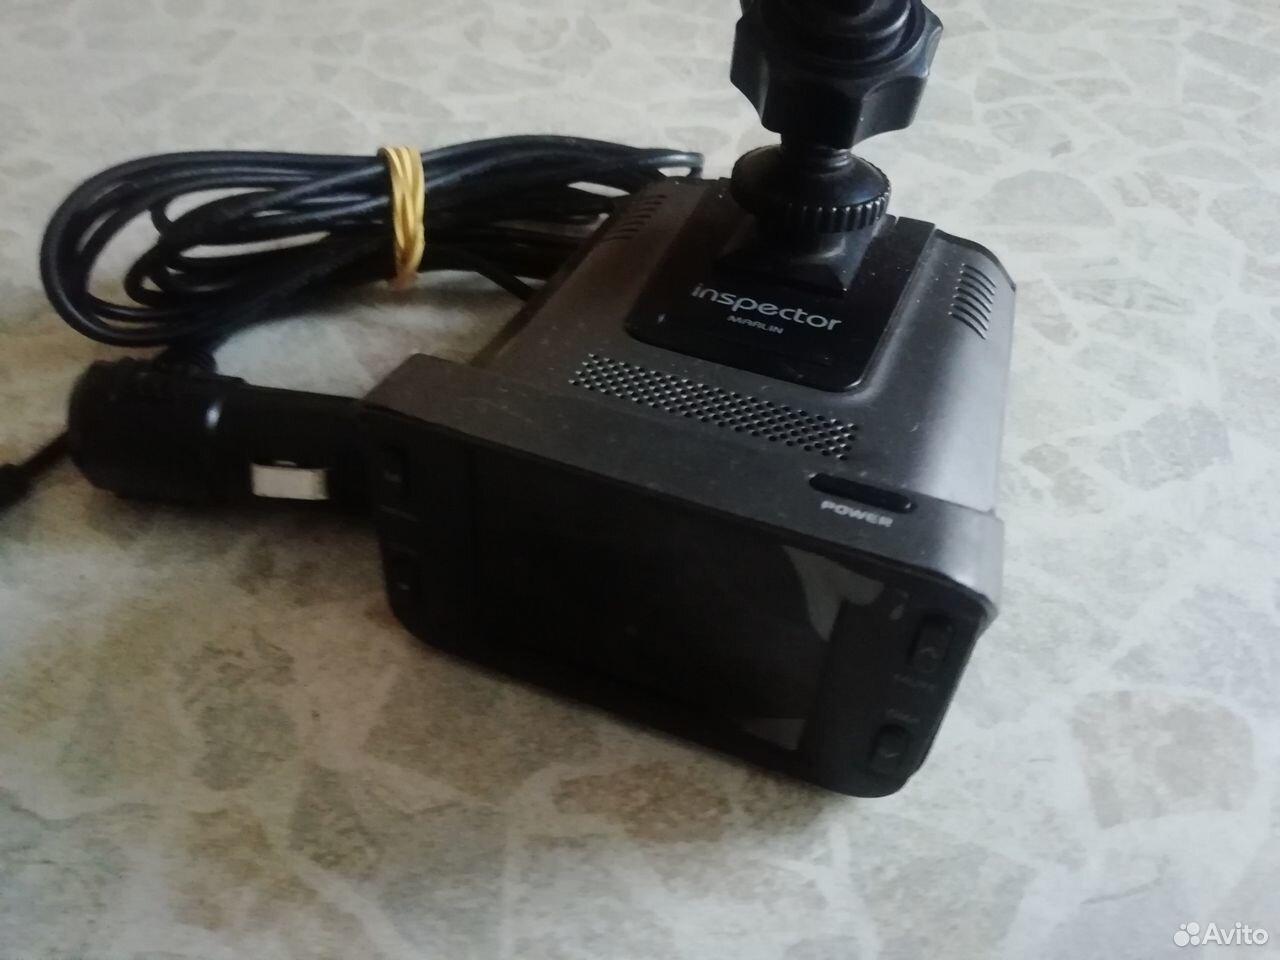 Автомобильный видеорегистратор Inspector Marlin  89231912777 купить 3